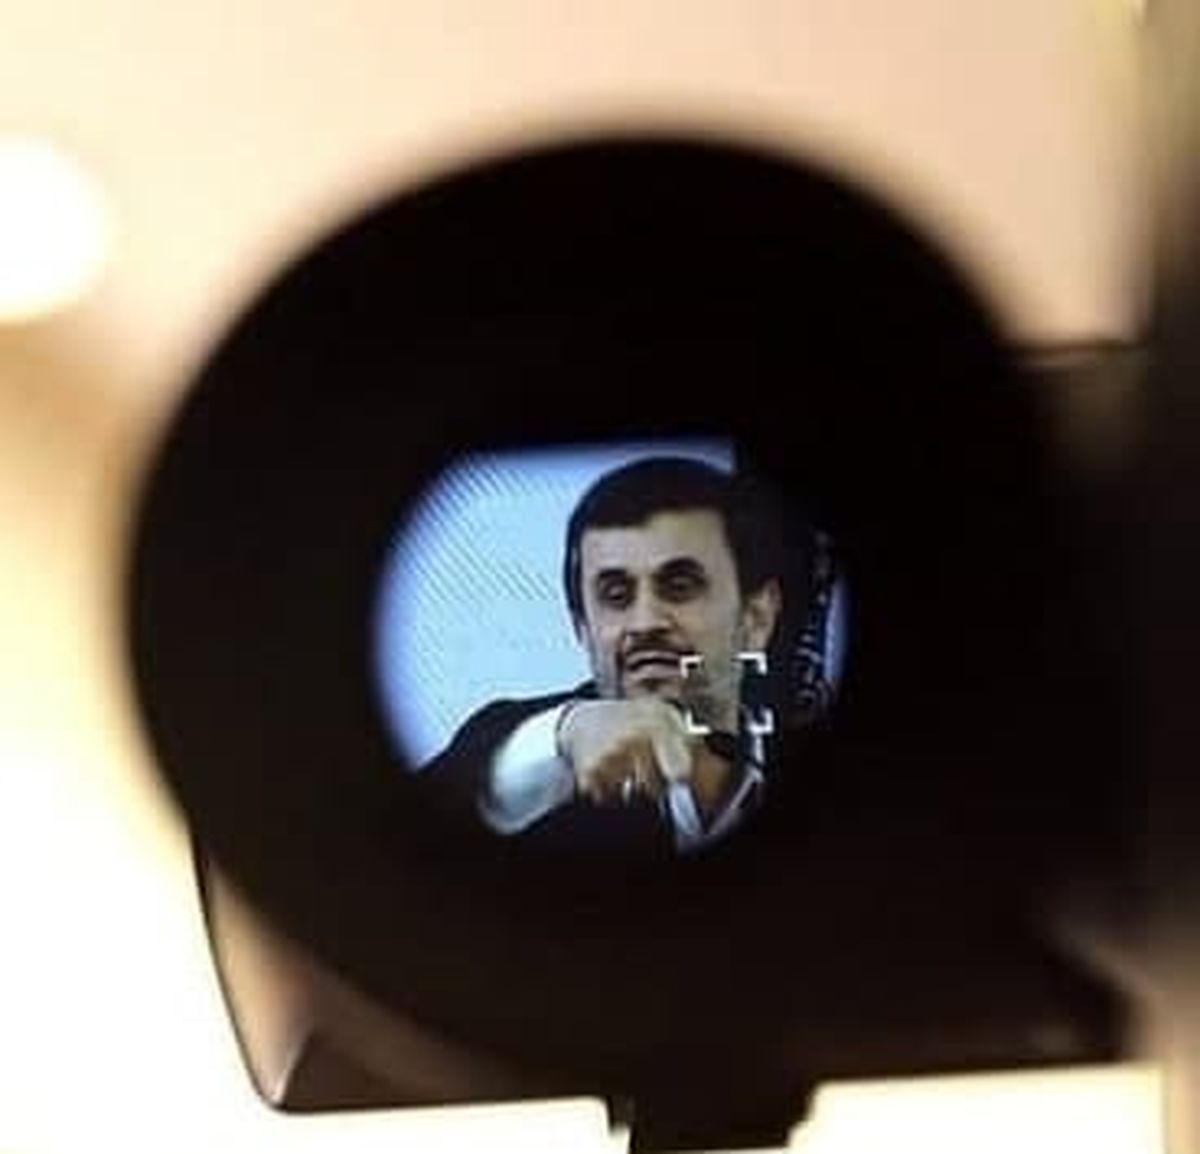 محموداحمدی نژاد چه نقشی در انتشار فایل صوتی ظریف دارد؟